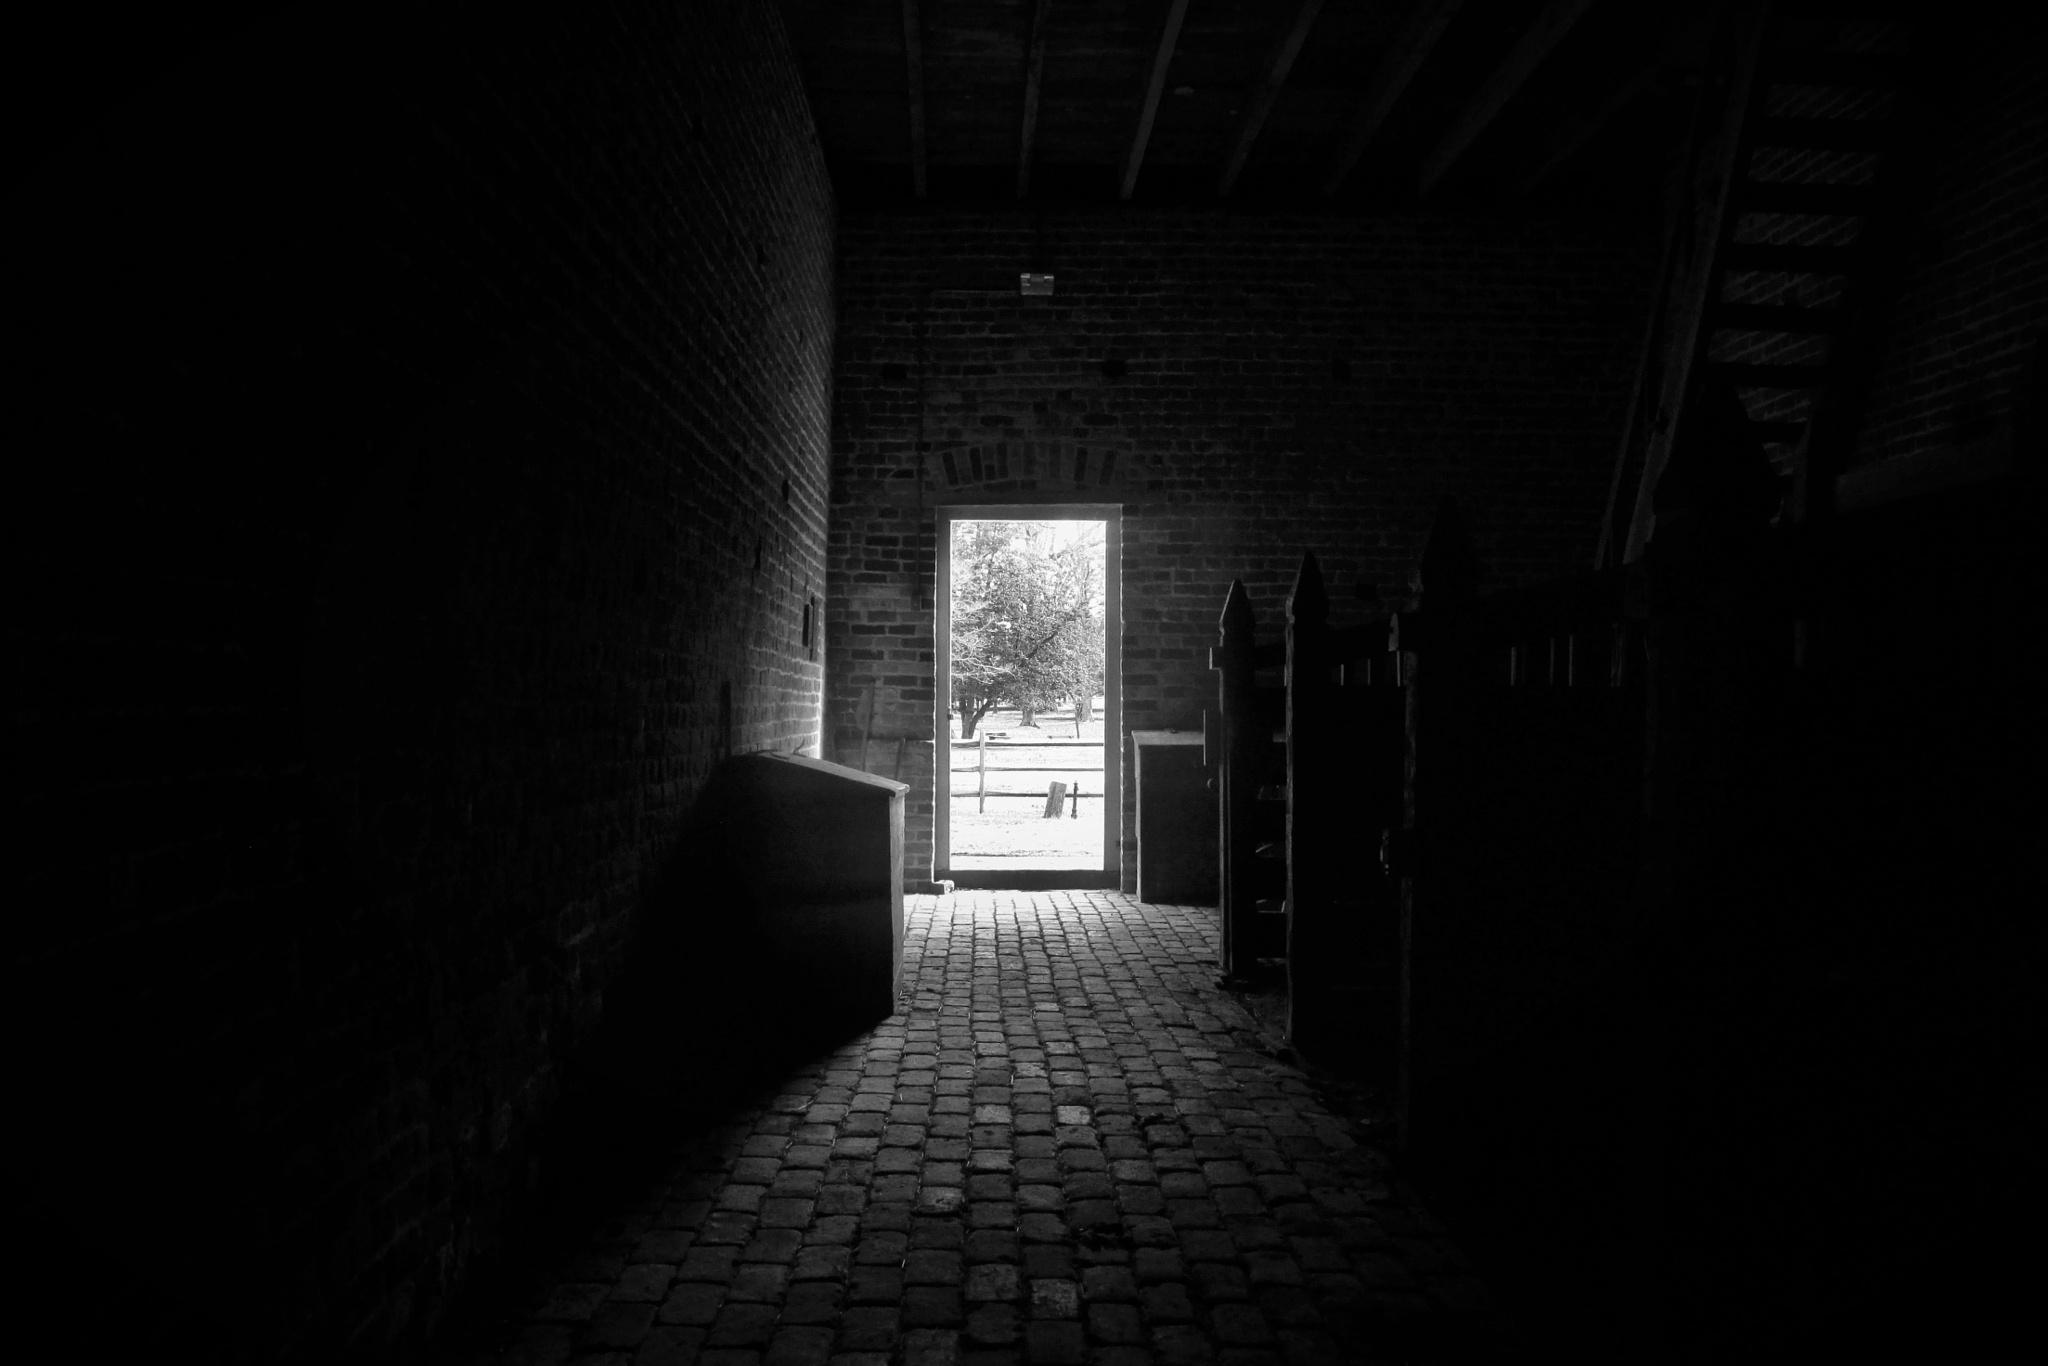 Alone In The Dark by brant.stevenson